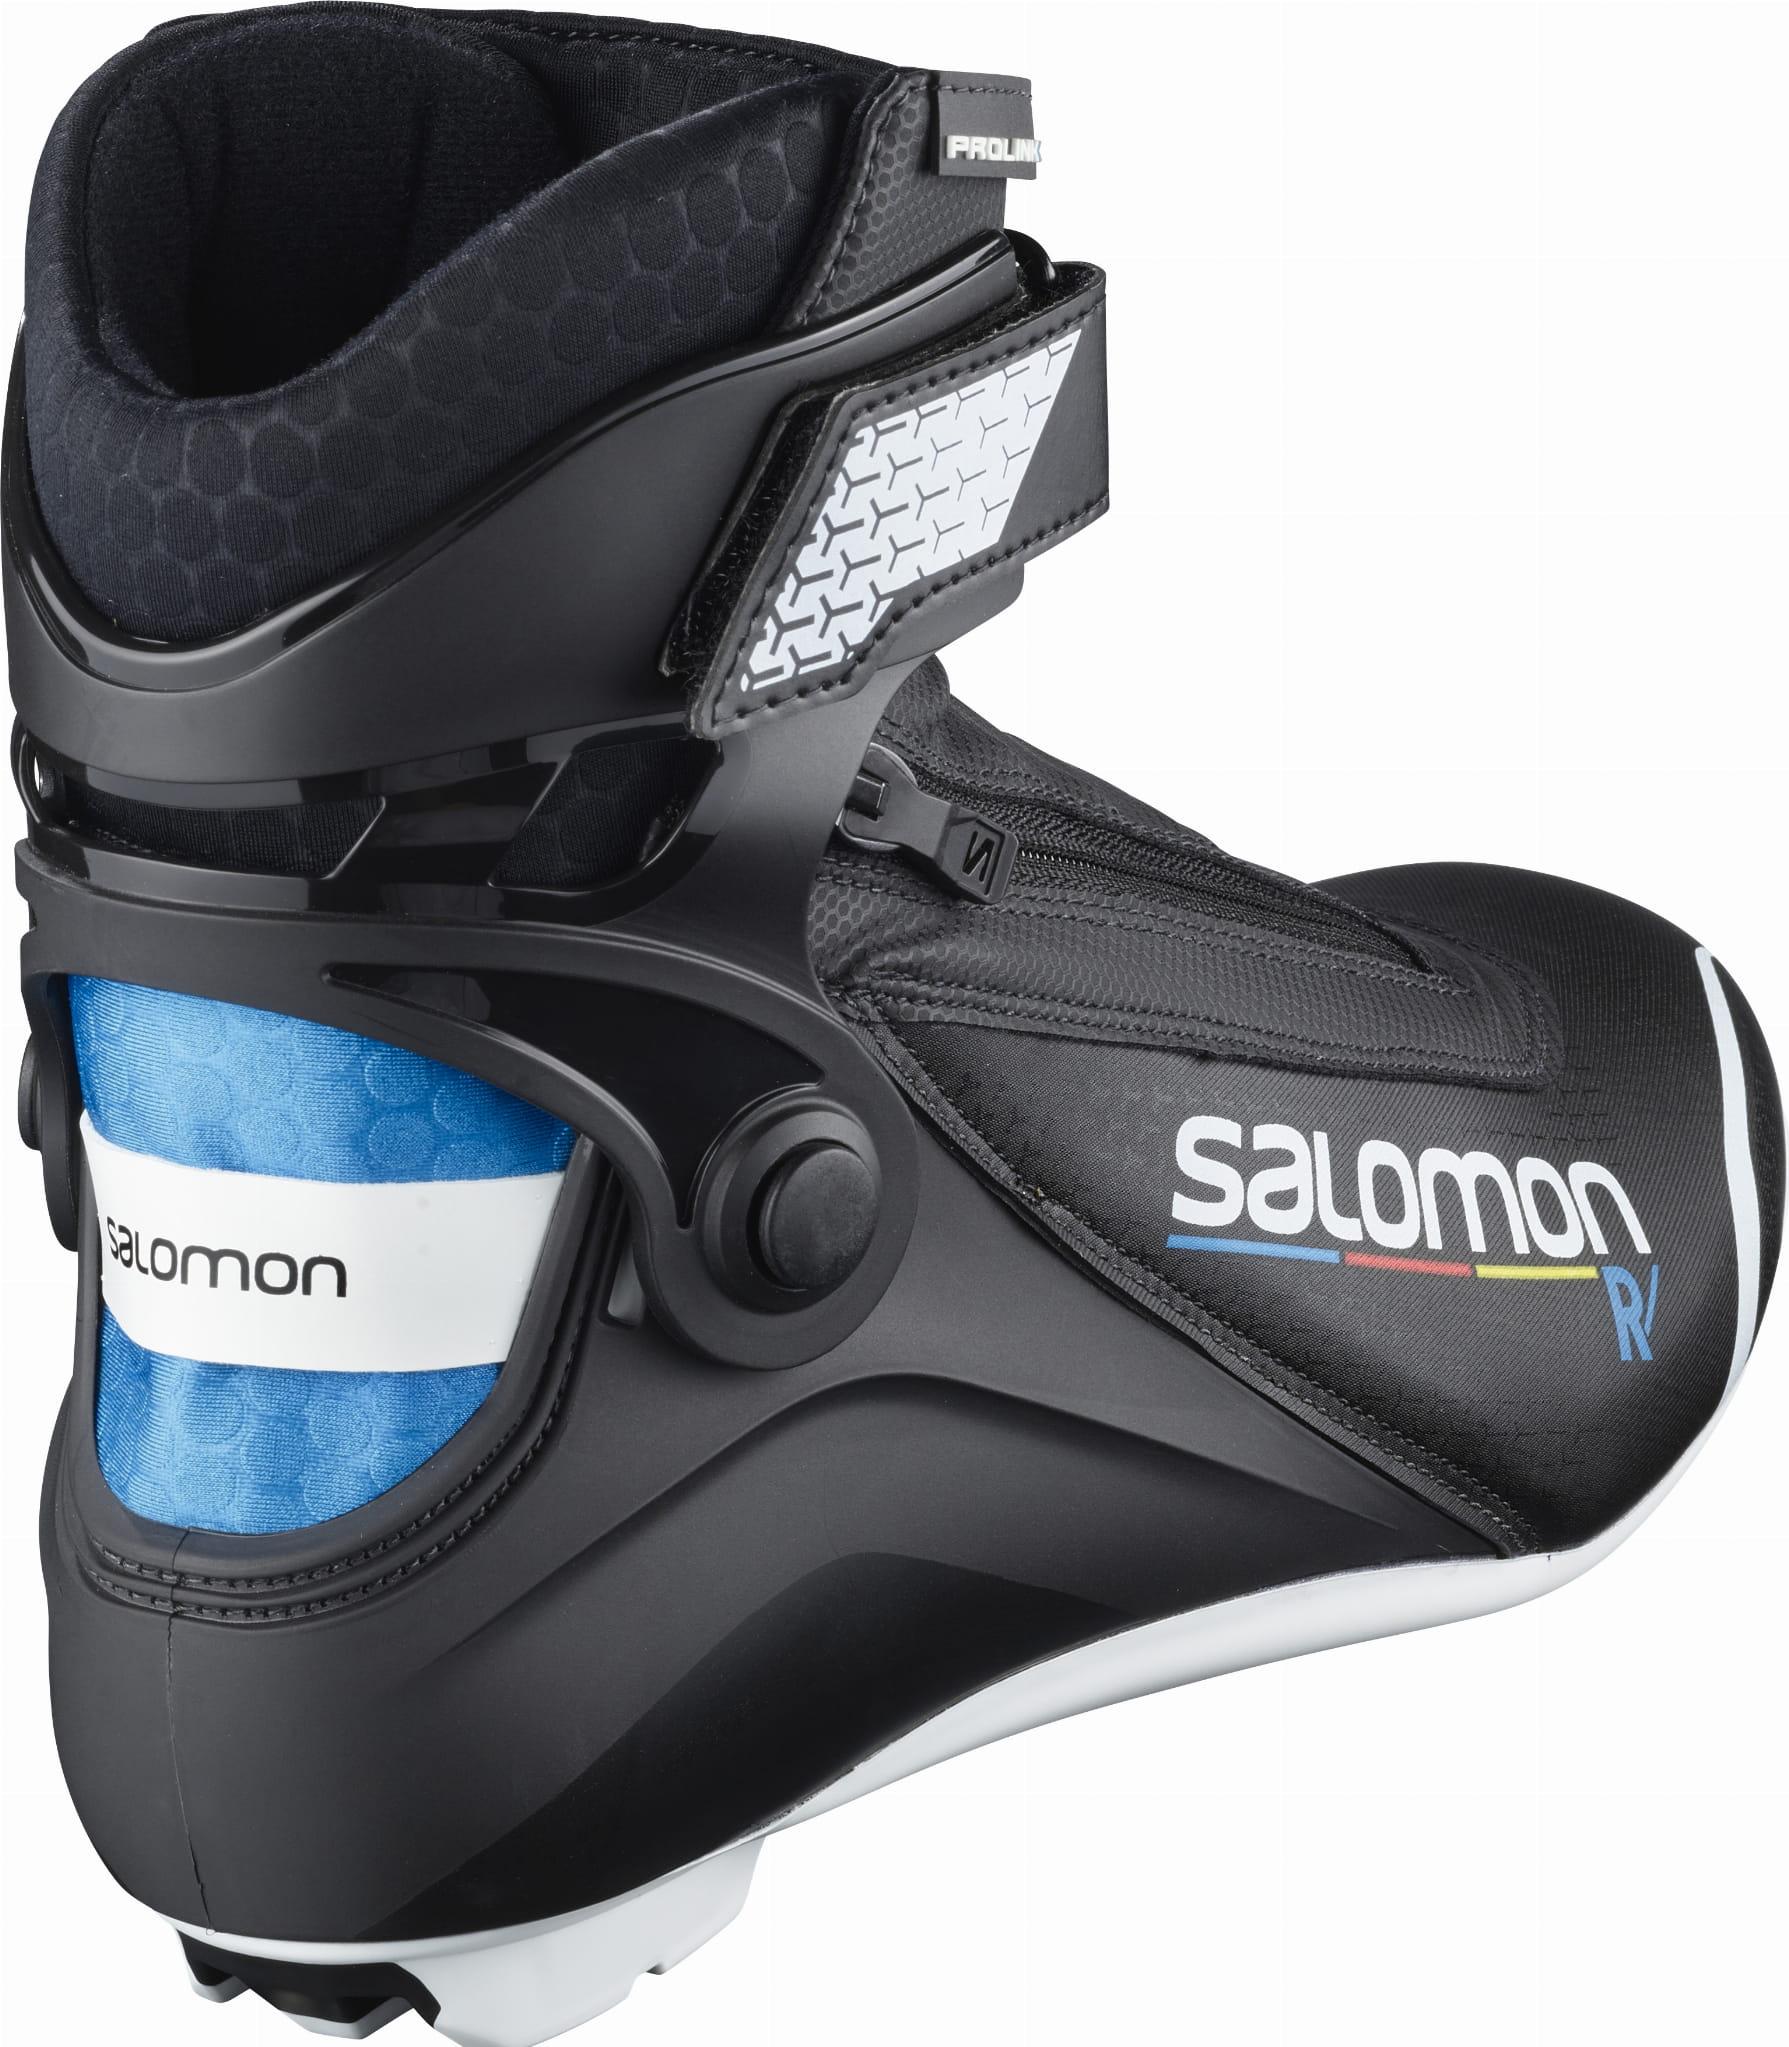 Buty Salomon R Prolink 2020